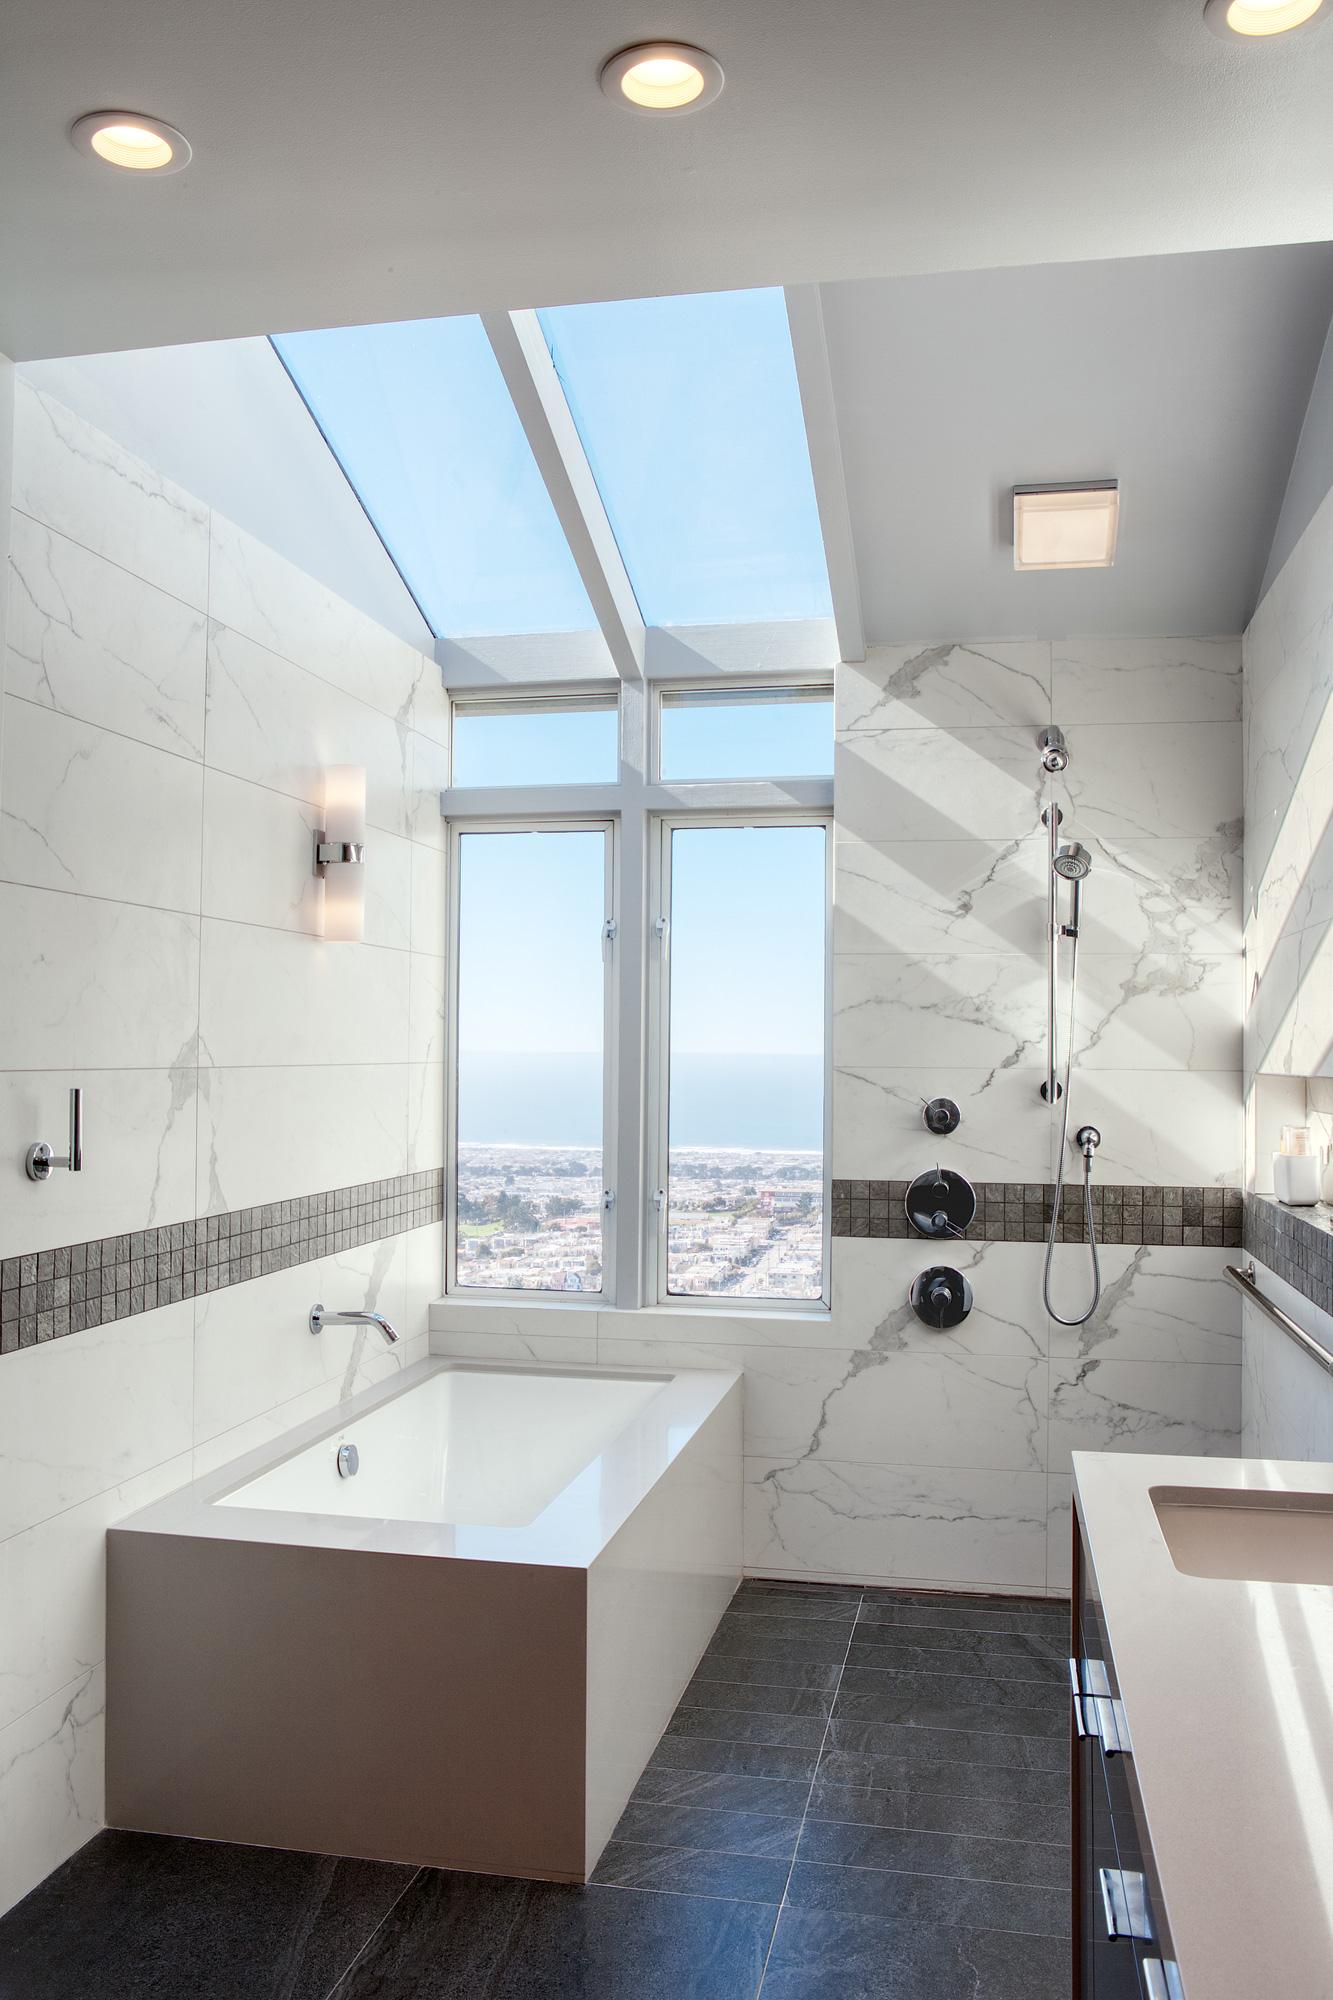 Bath-tub-and-shower.jpg